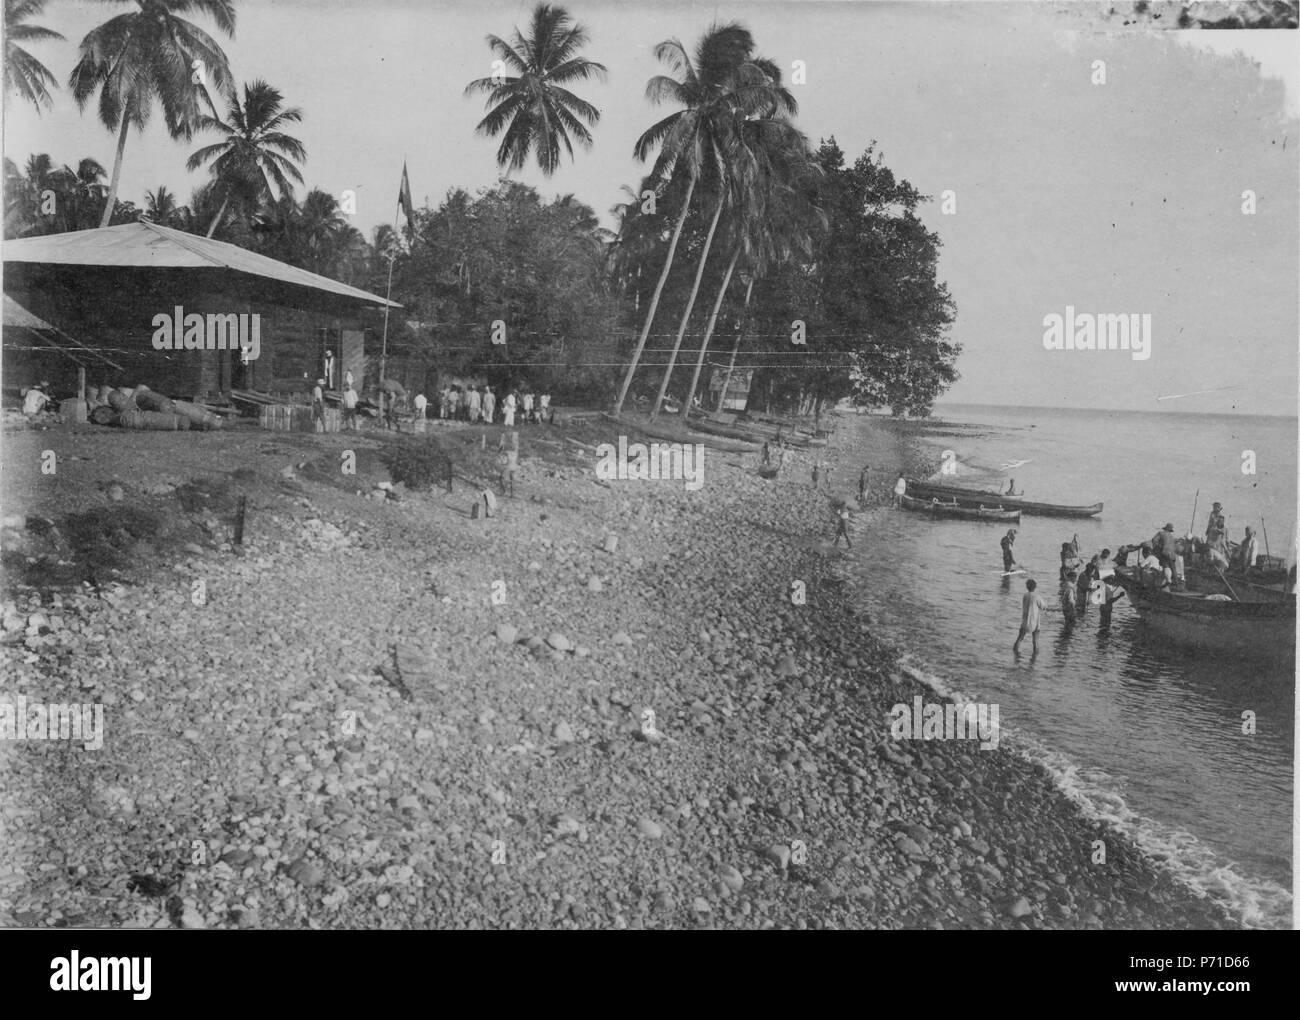 52 Strandparti. Sulawesi. Indonesien - SMVK - 000311 - Stock Image